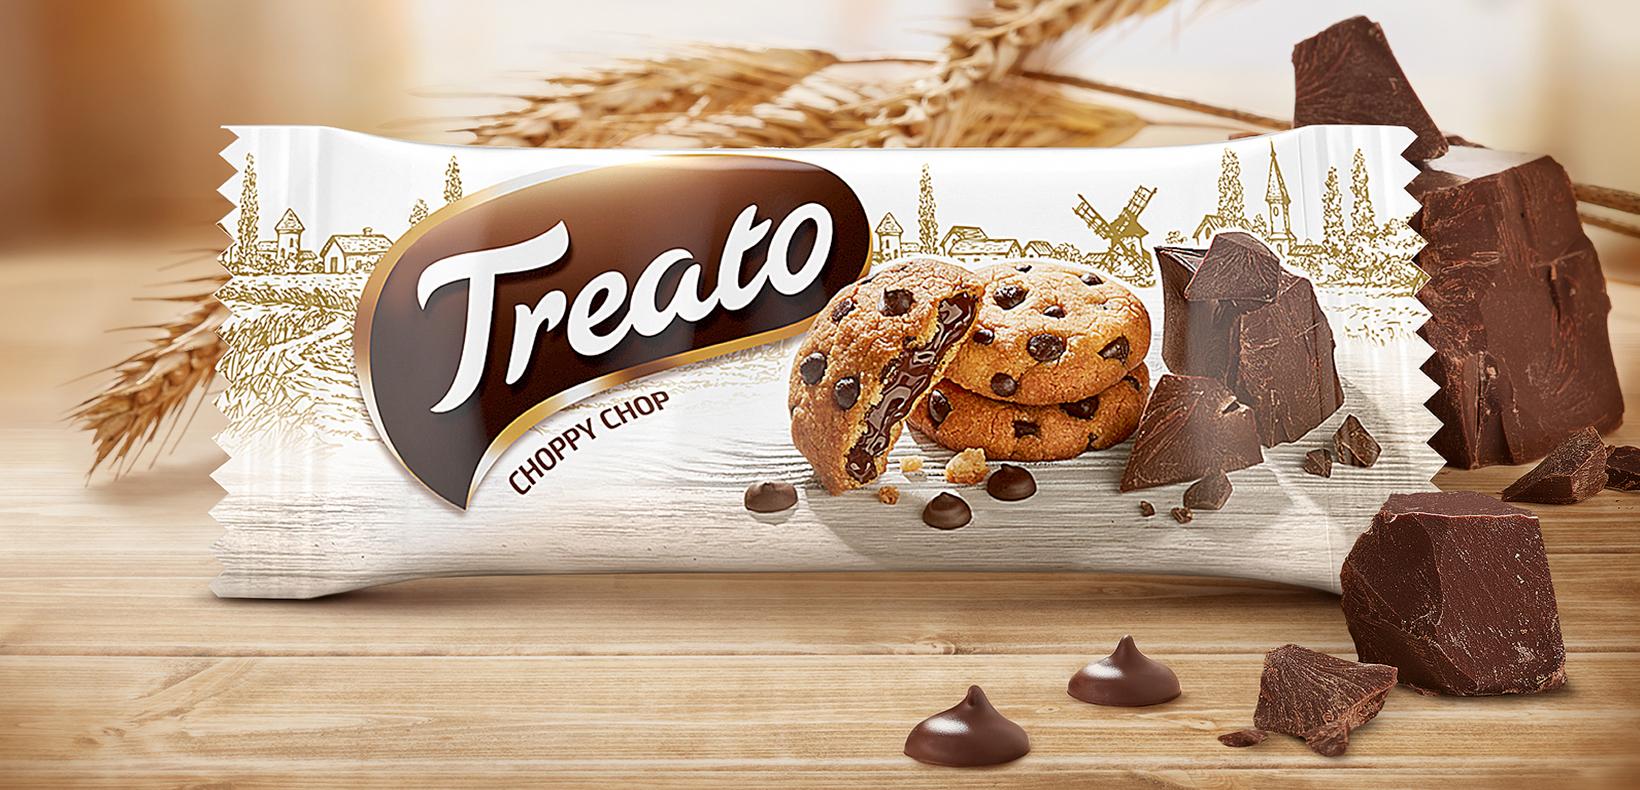 упаковка Treato печенье